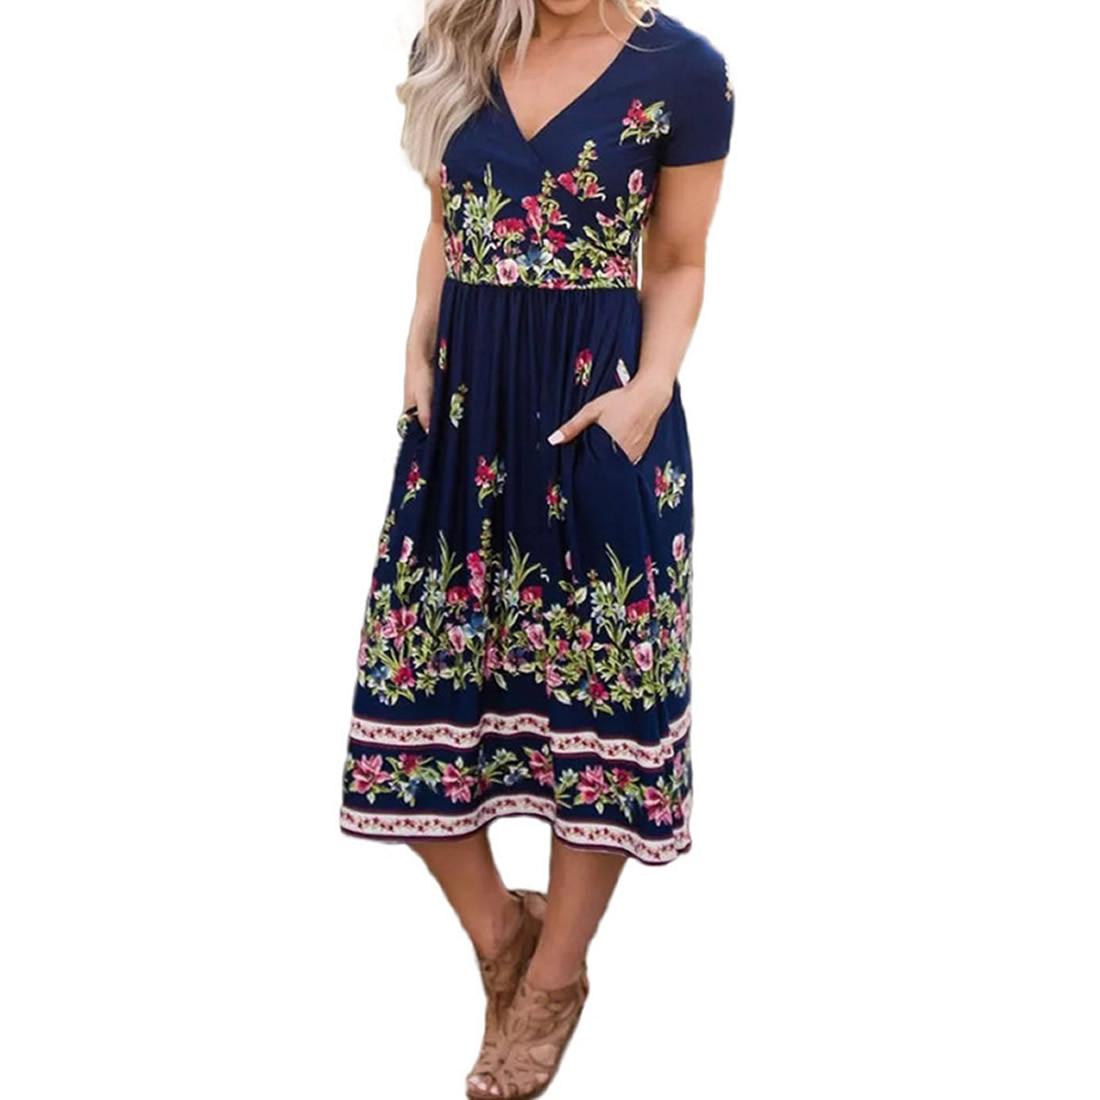 Женское Повседневное платье Летнее свободное с цветочным принтом плиссированный короткий рукав глубокий v образный сарафан ТРАПЕЦИЕВИДНОЕ пляжное платье с высокой талией Сарафан с карманом